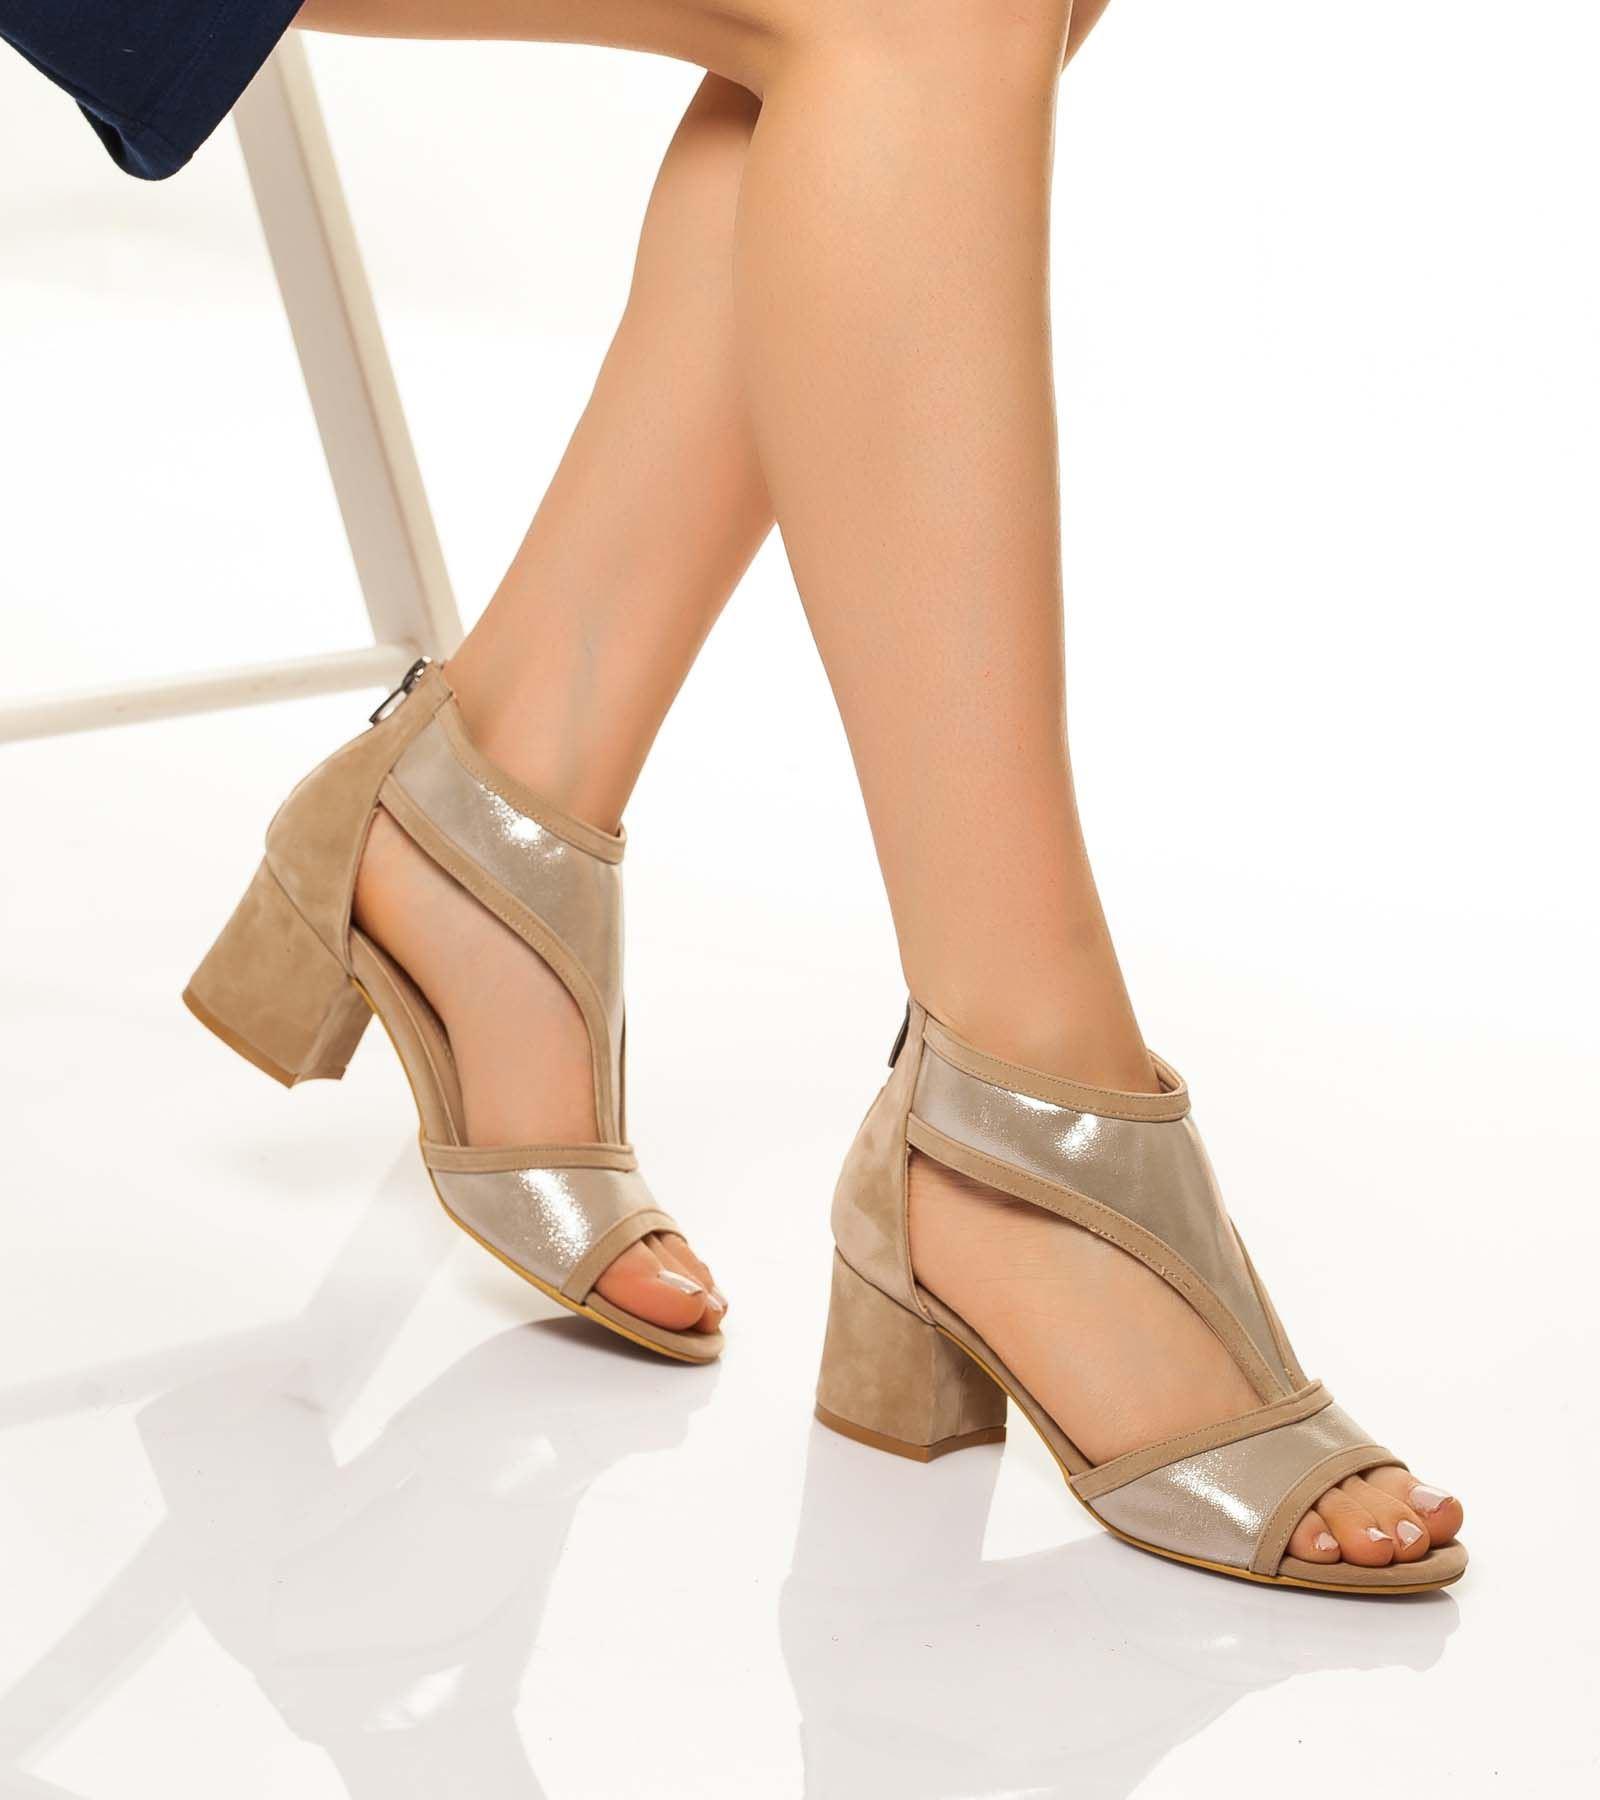 Kate Arkası Kapalı Süet Ayakkabı Ten